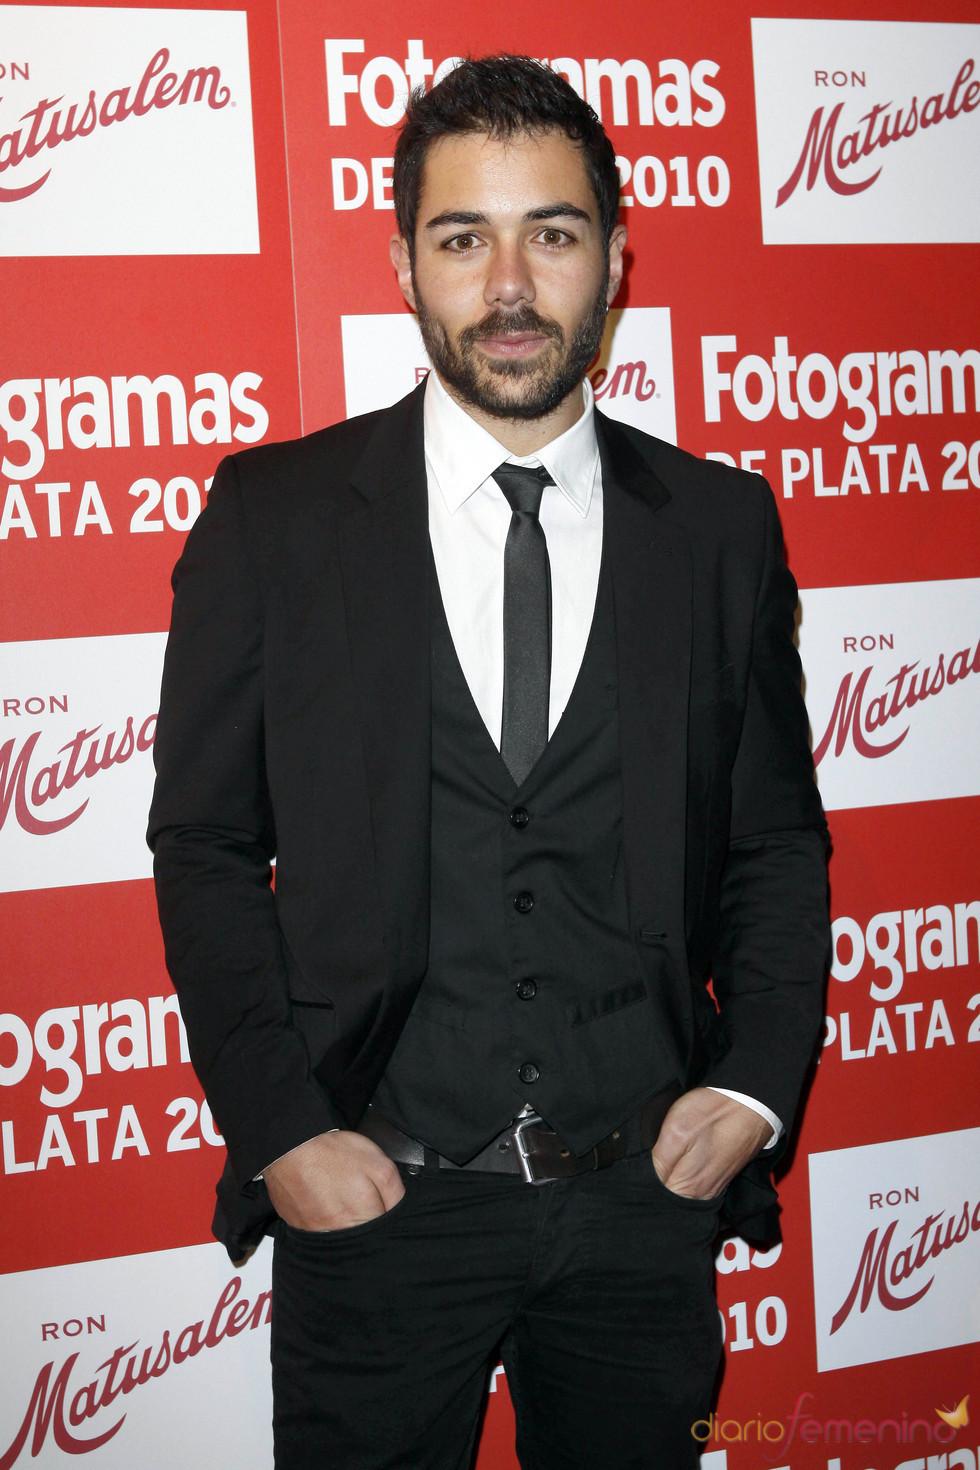 David Seijo en los Premios Fotogramas de Plata 2010